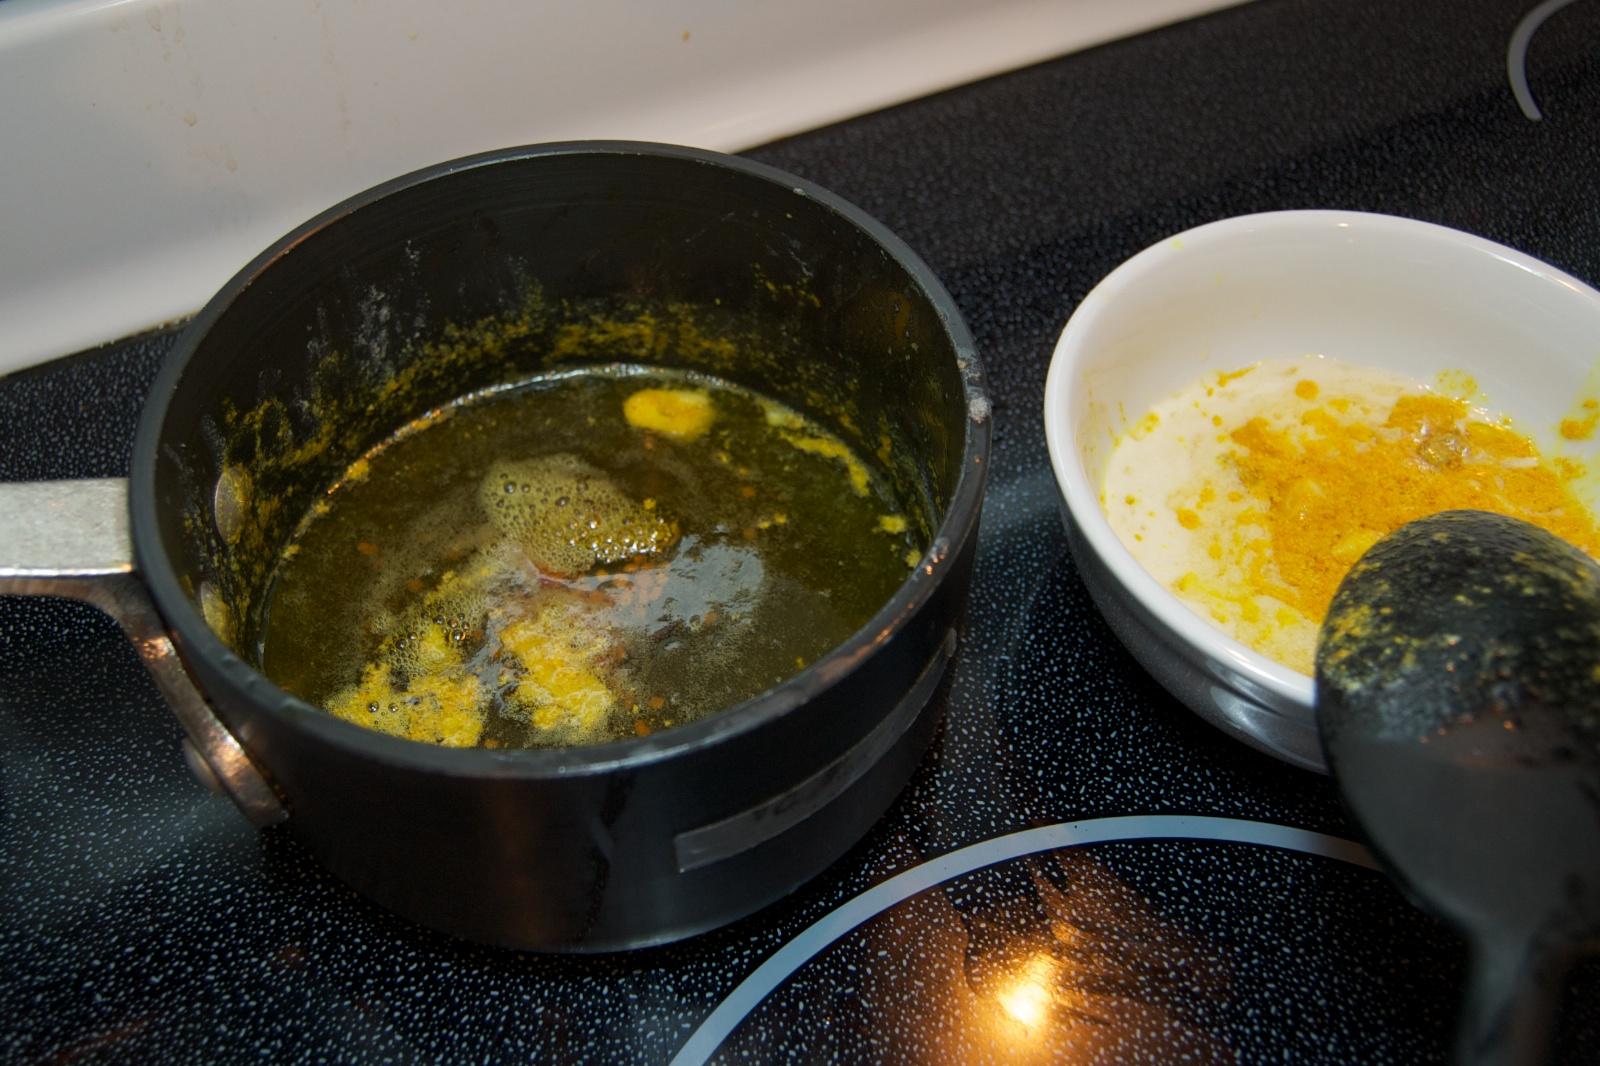 http://blog.rickk.com/food/2010/10/03/niterkibbeh1.jpg